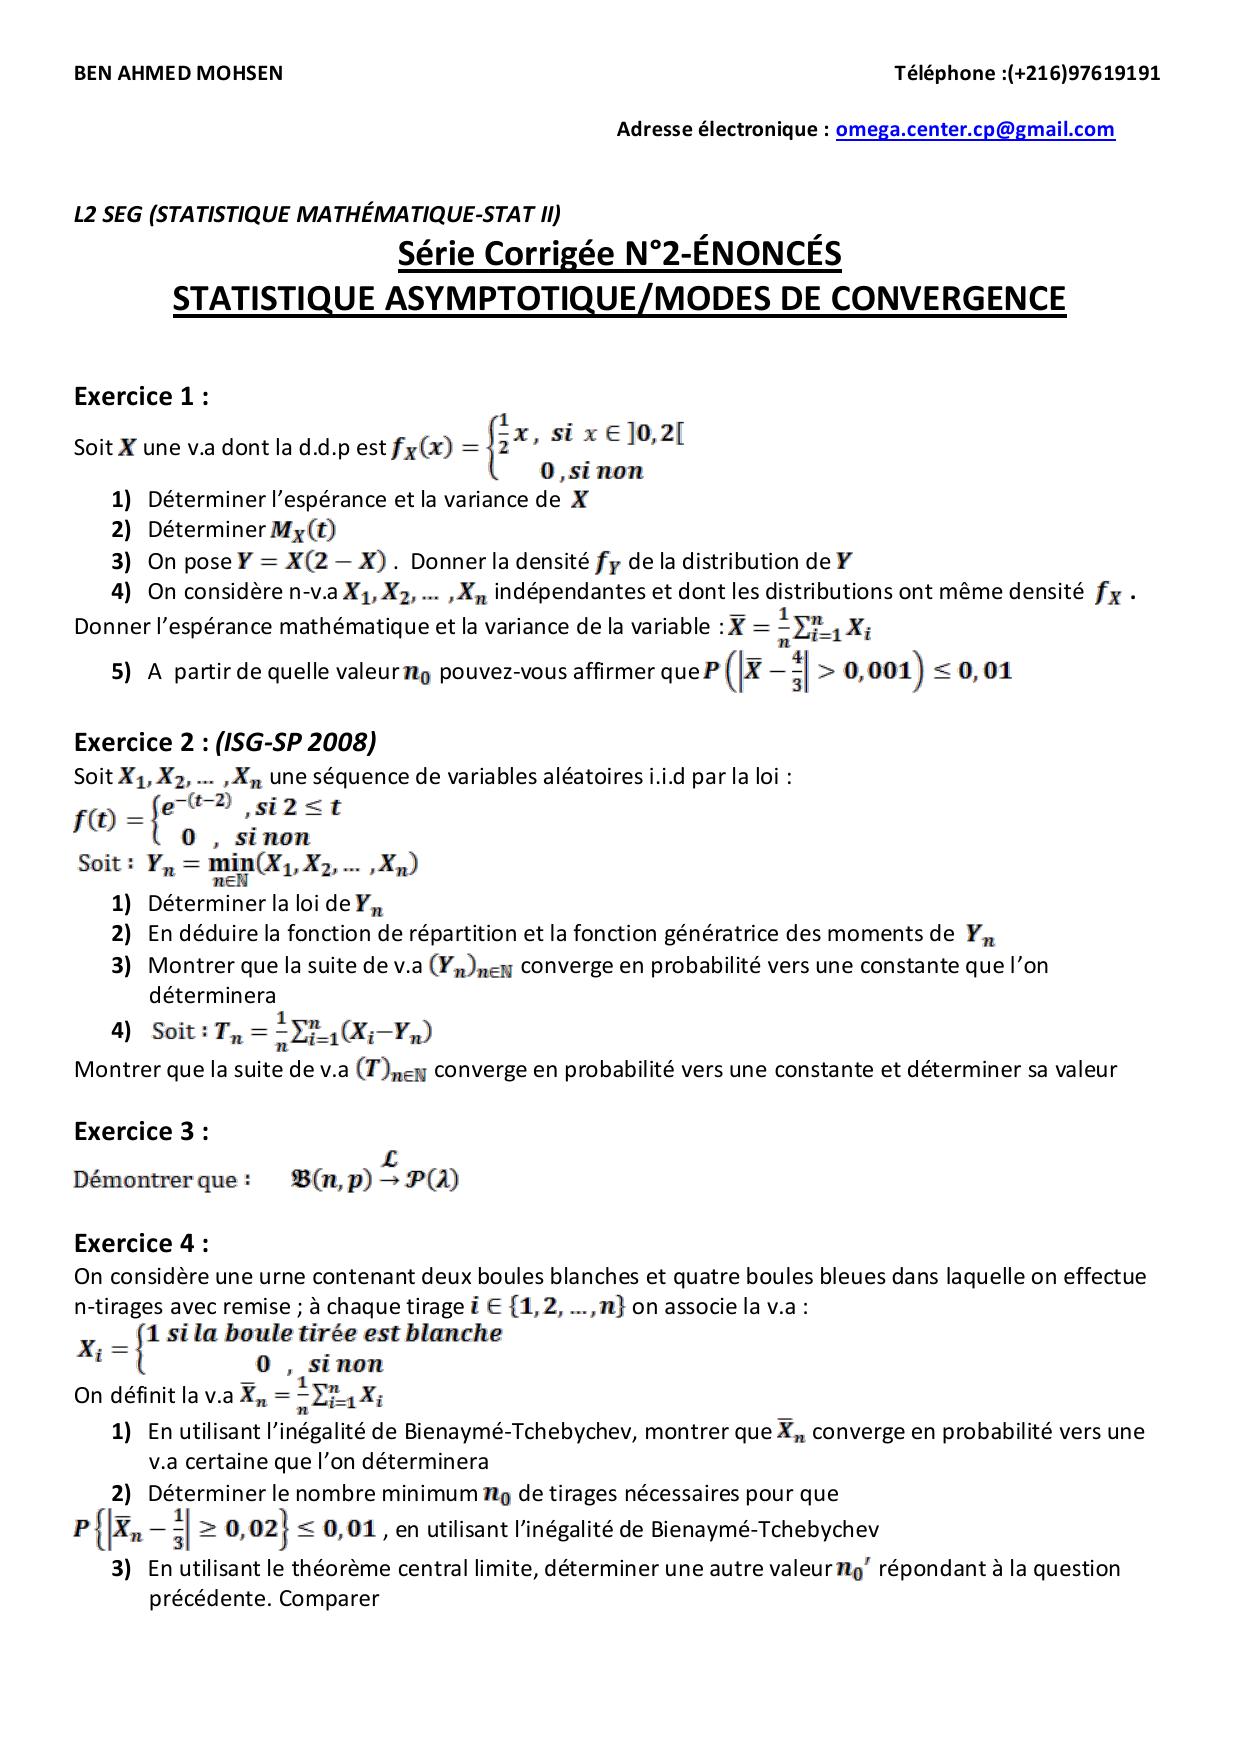 L2 Seg Statistique Mathematique Stat Ii Serie Corrigee N 2 Enonces Statistique Asymptotique Modes De Convergence